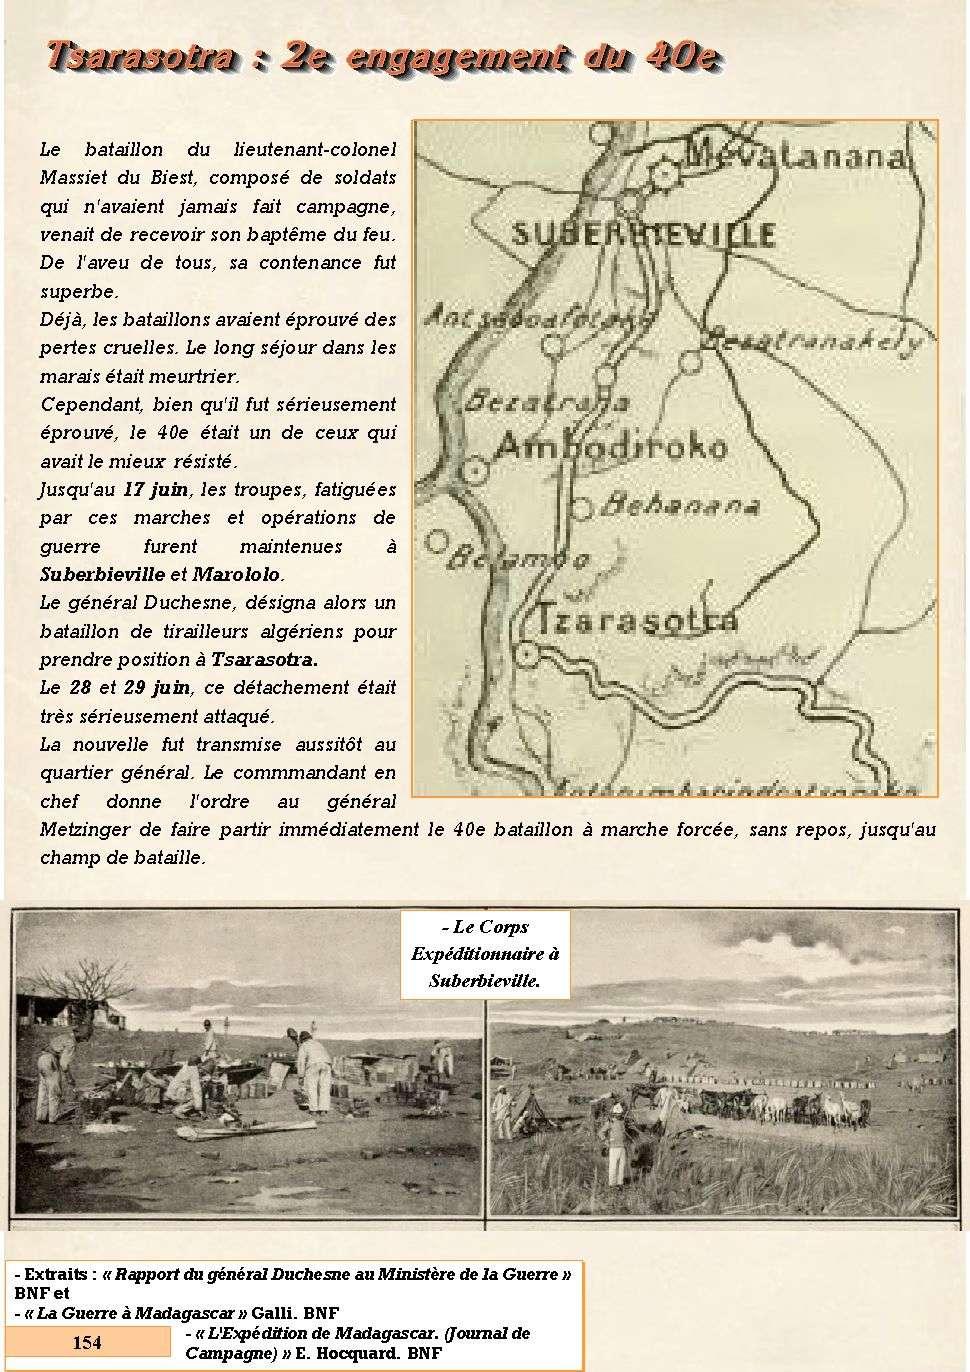 L'Historique du 14e Bataillon de Chasseurs. 1854 - 1962 Page_182